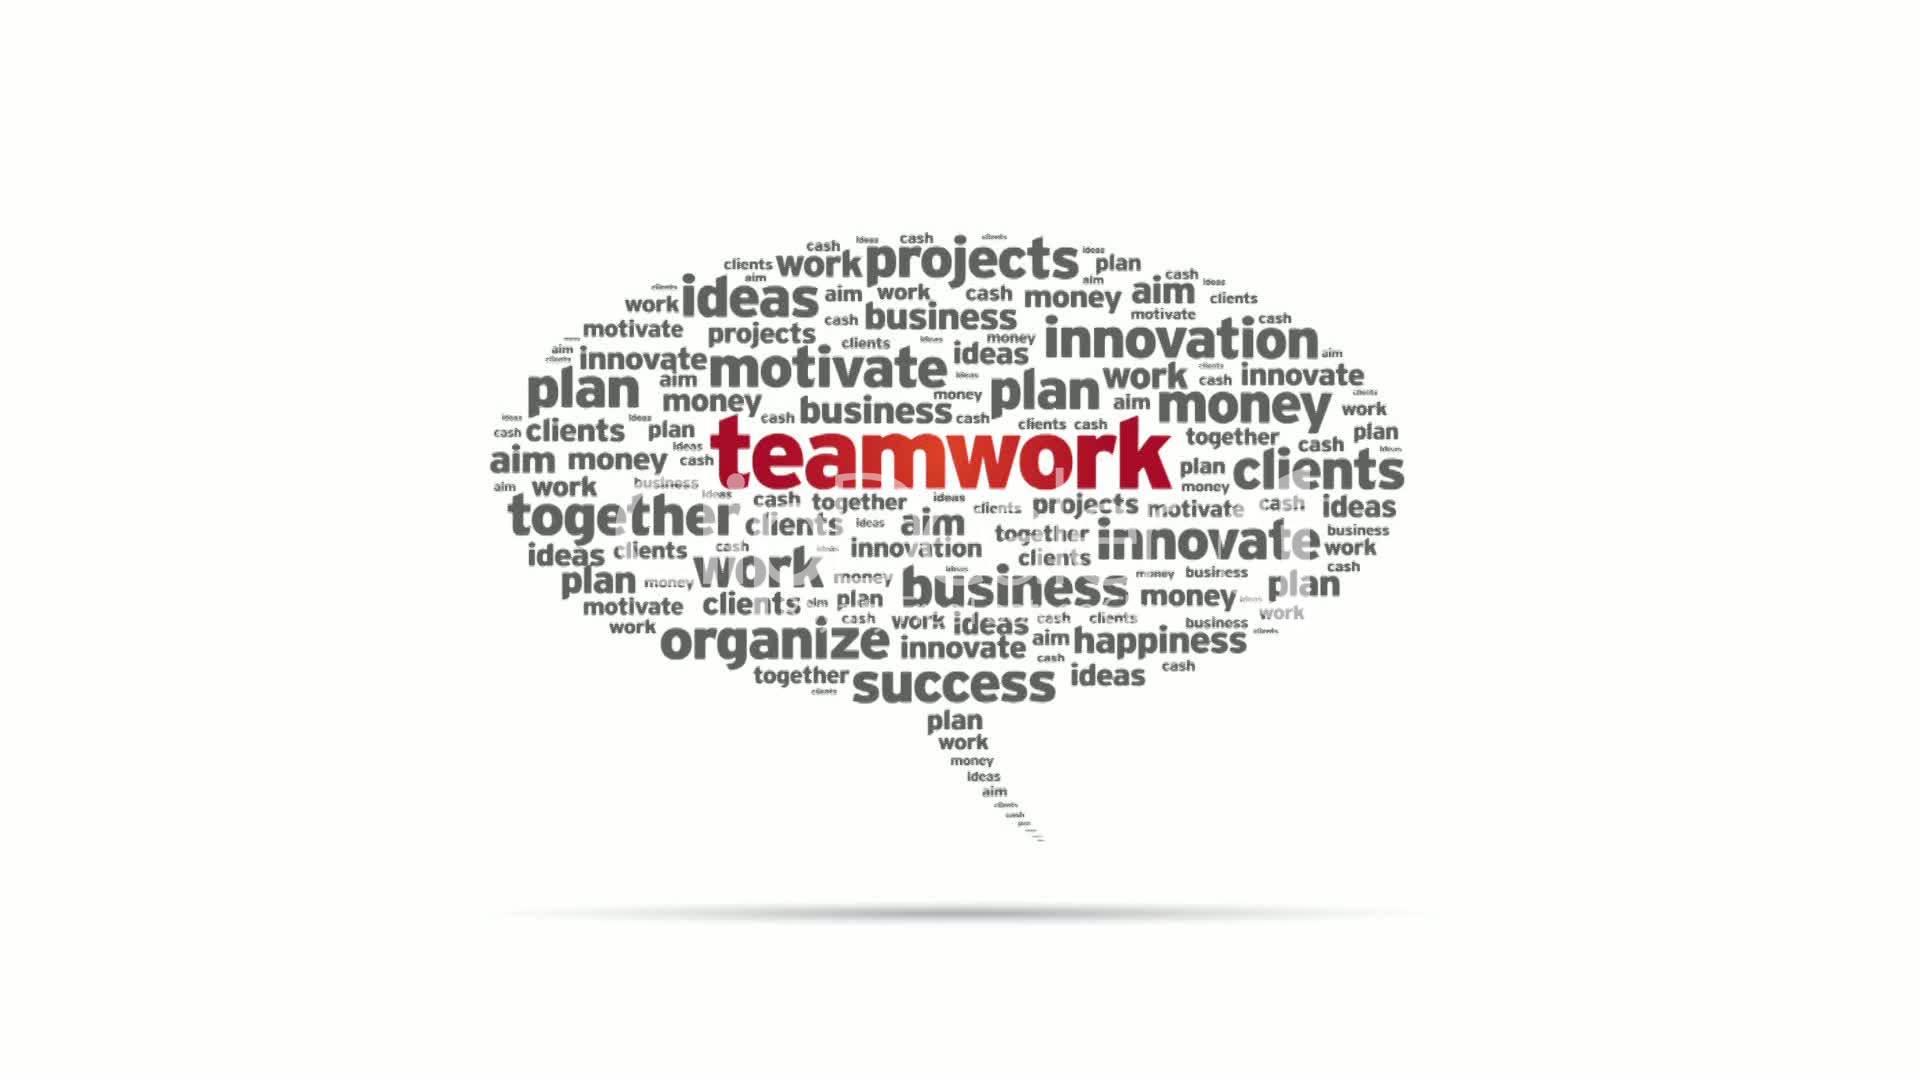 speech on teamwork and success